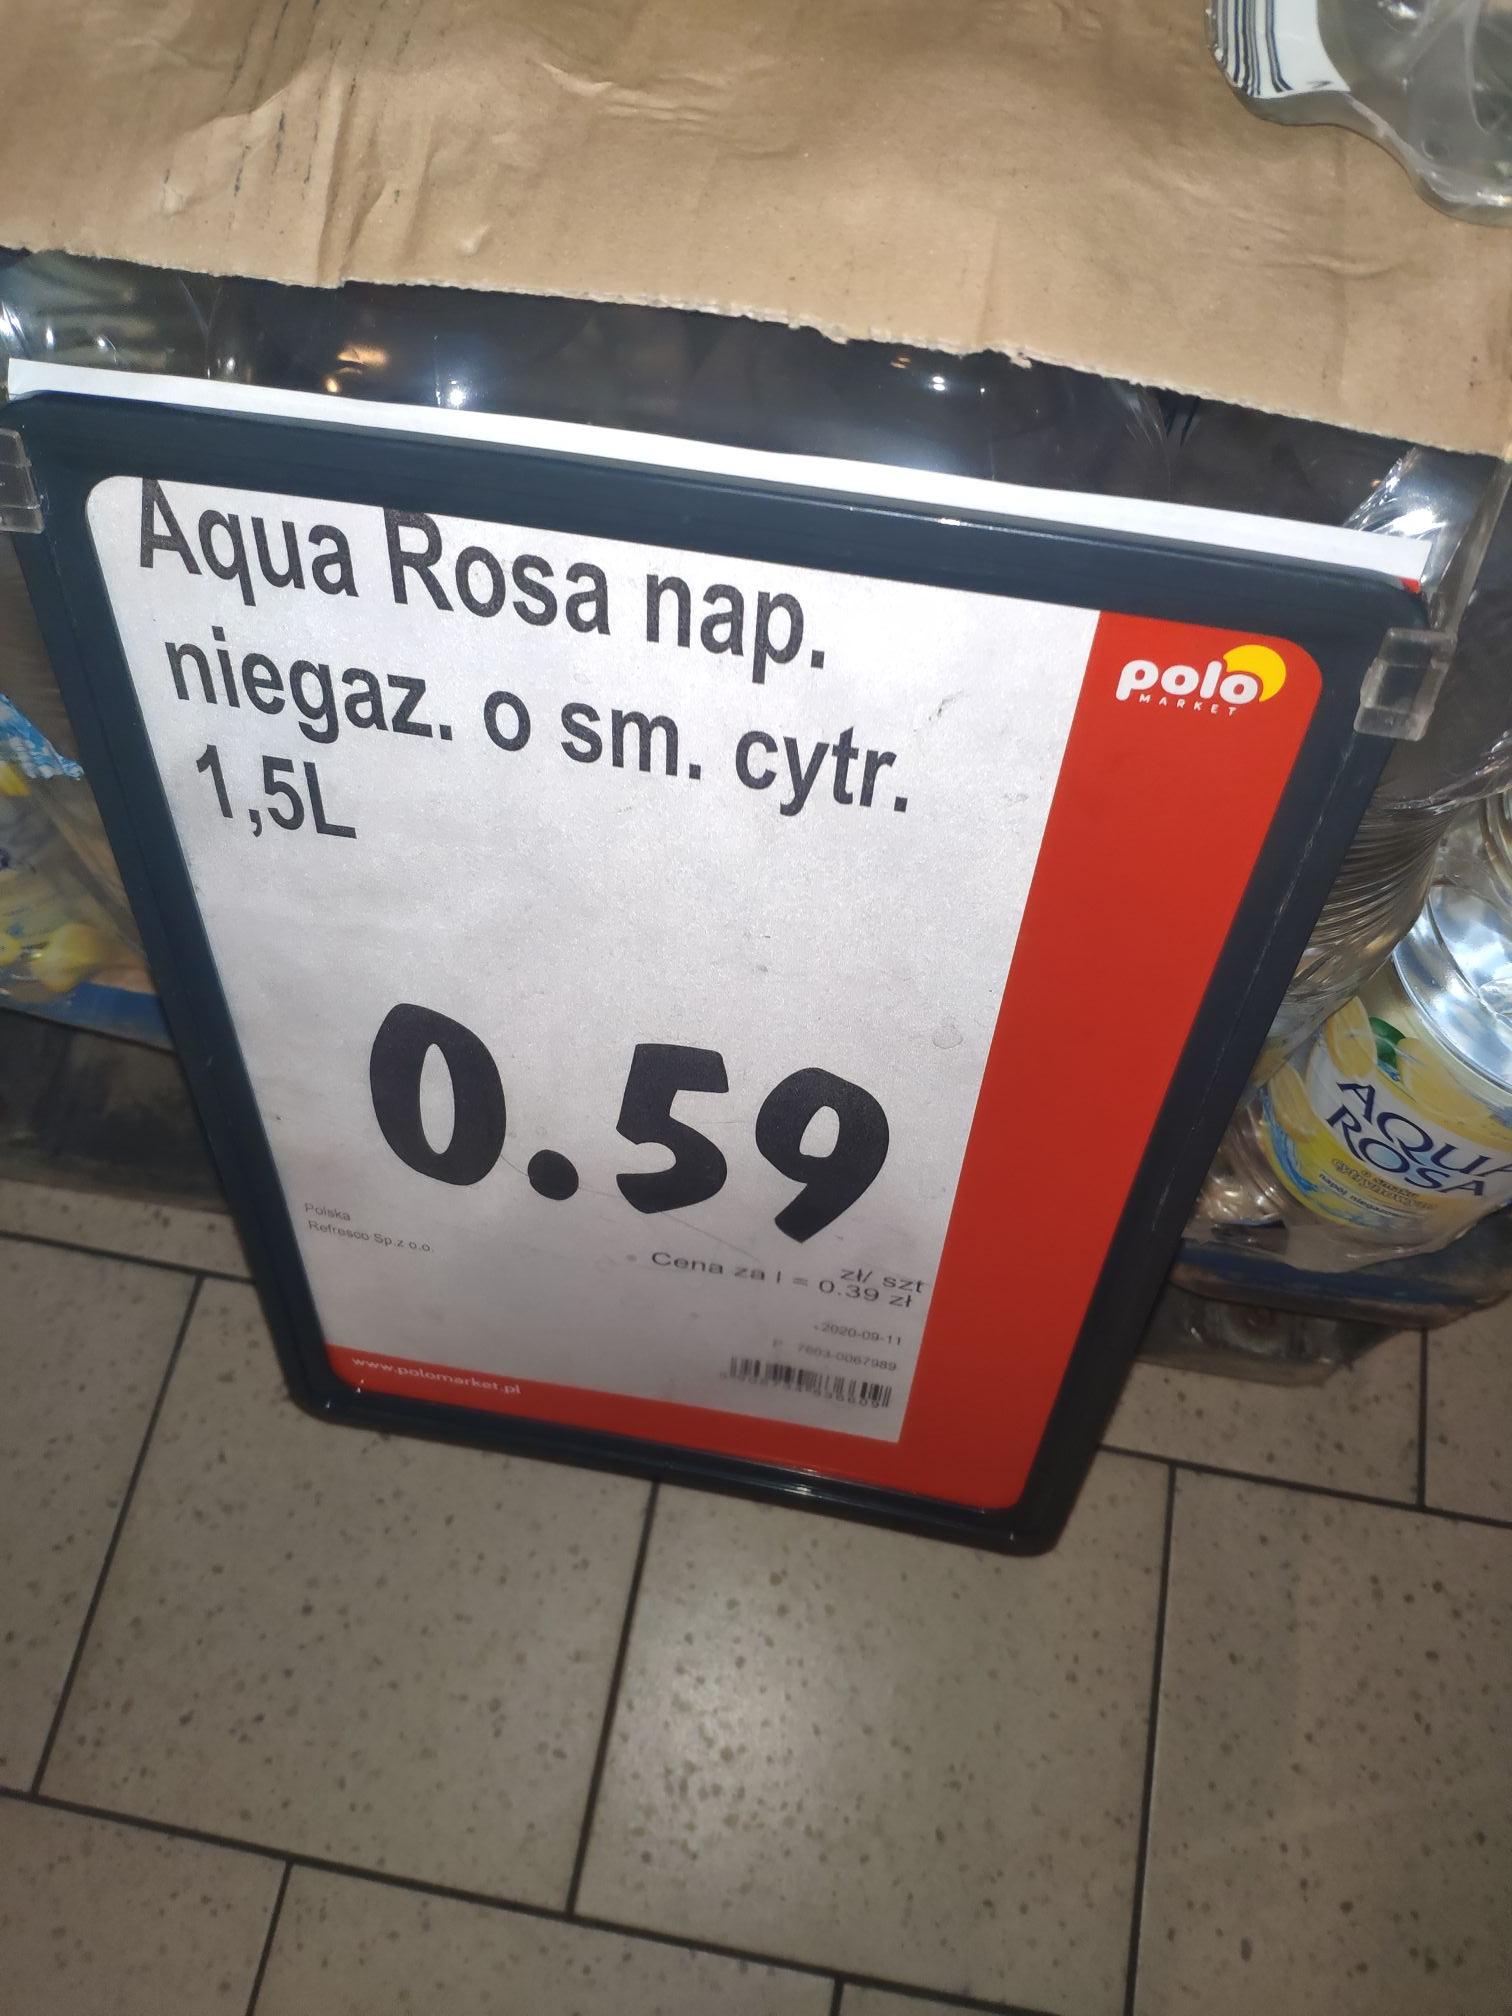 Napój Aqua Rosa cytrynowa 1,5 l za 0,59 zł @Polomarket Zabrze ul Wolności